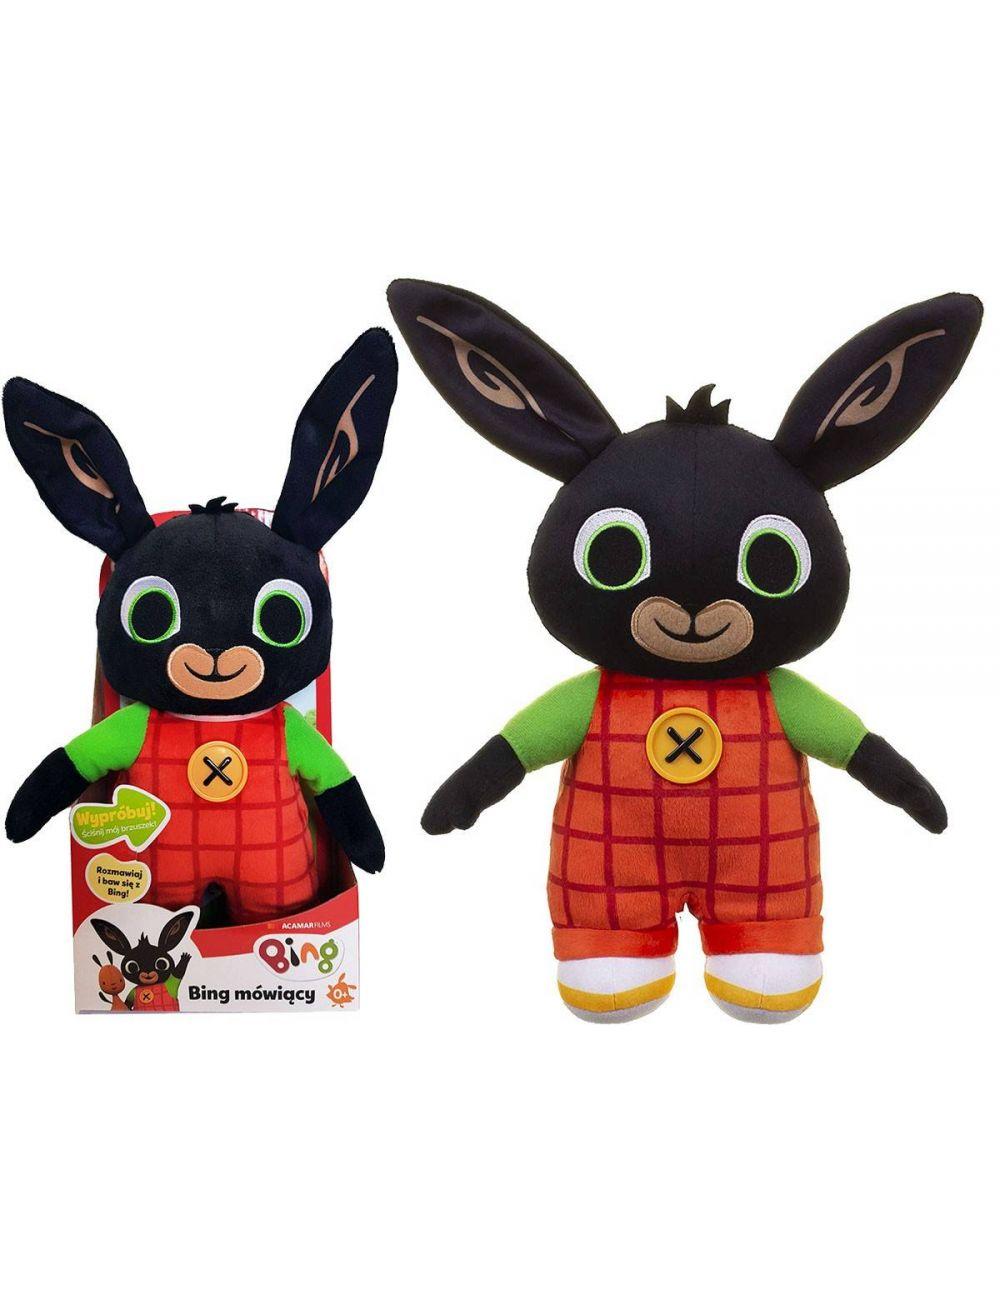 BING Mówiący królik pluszowy maskotka 30cm PL